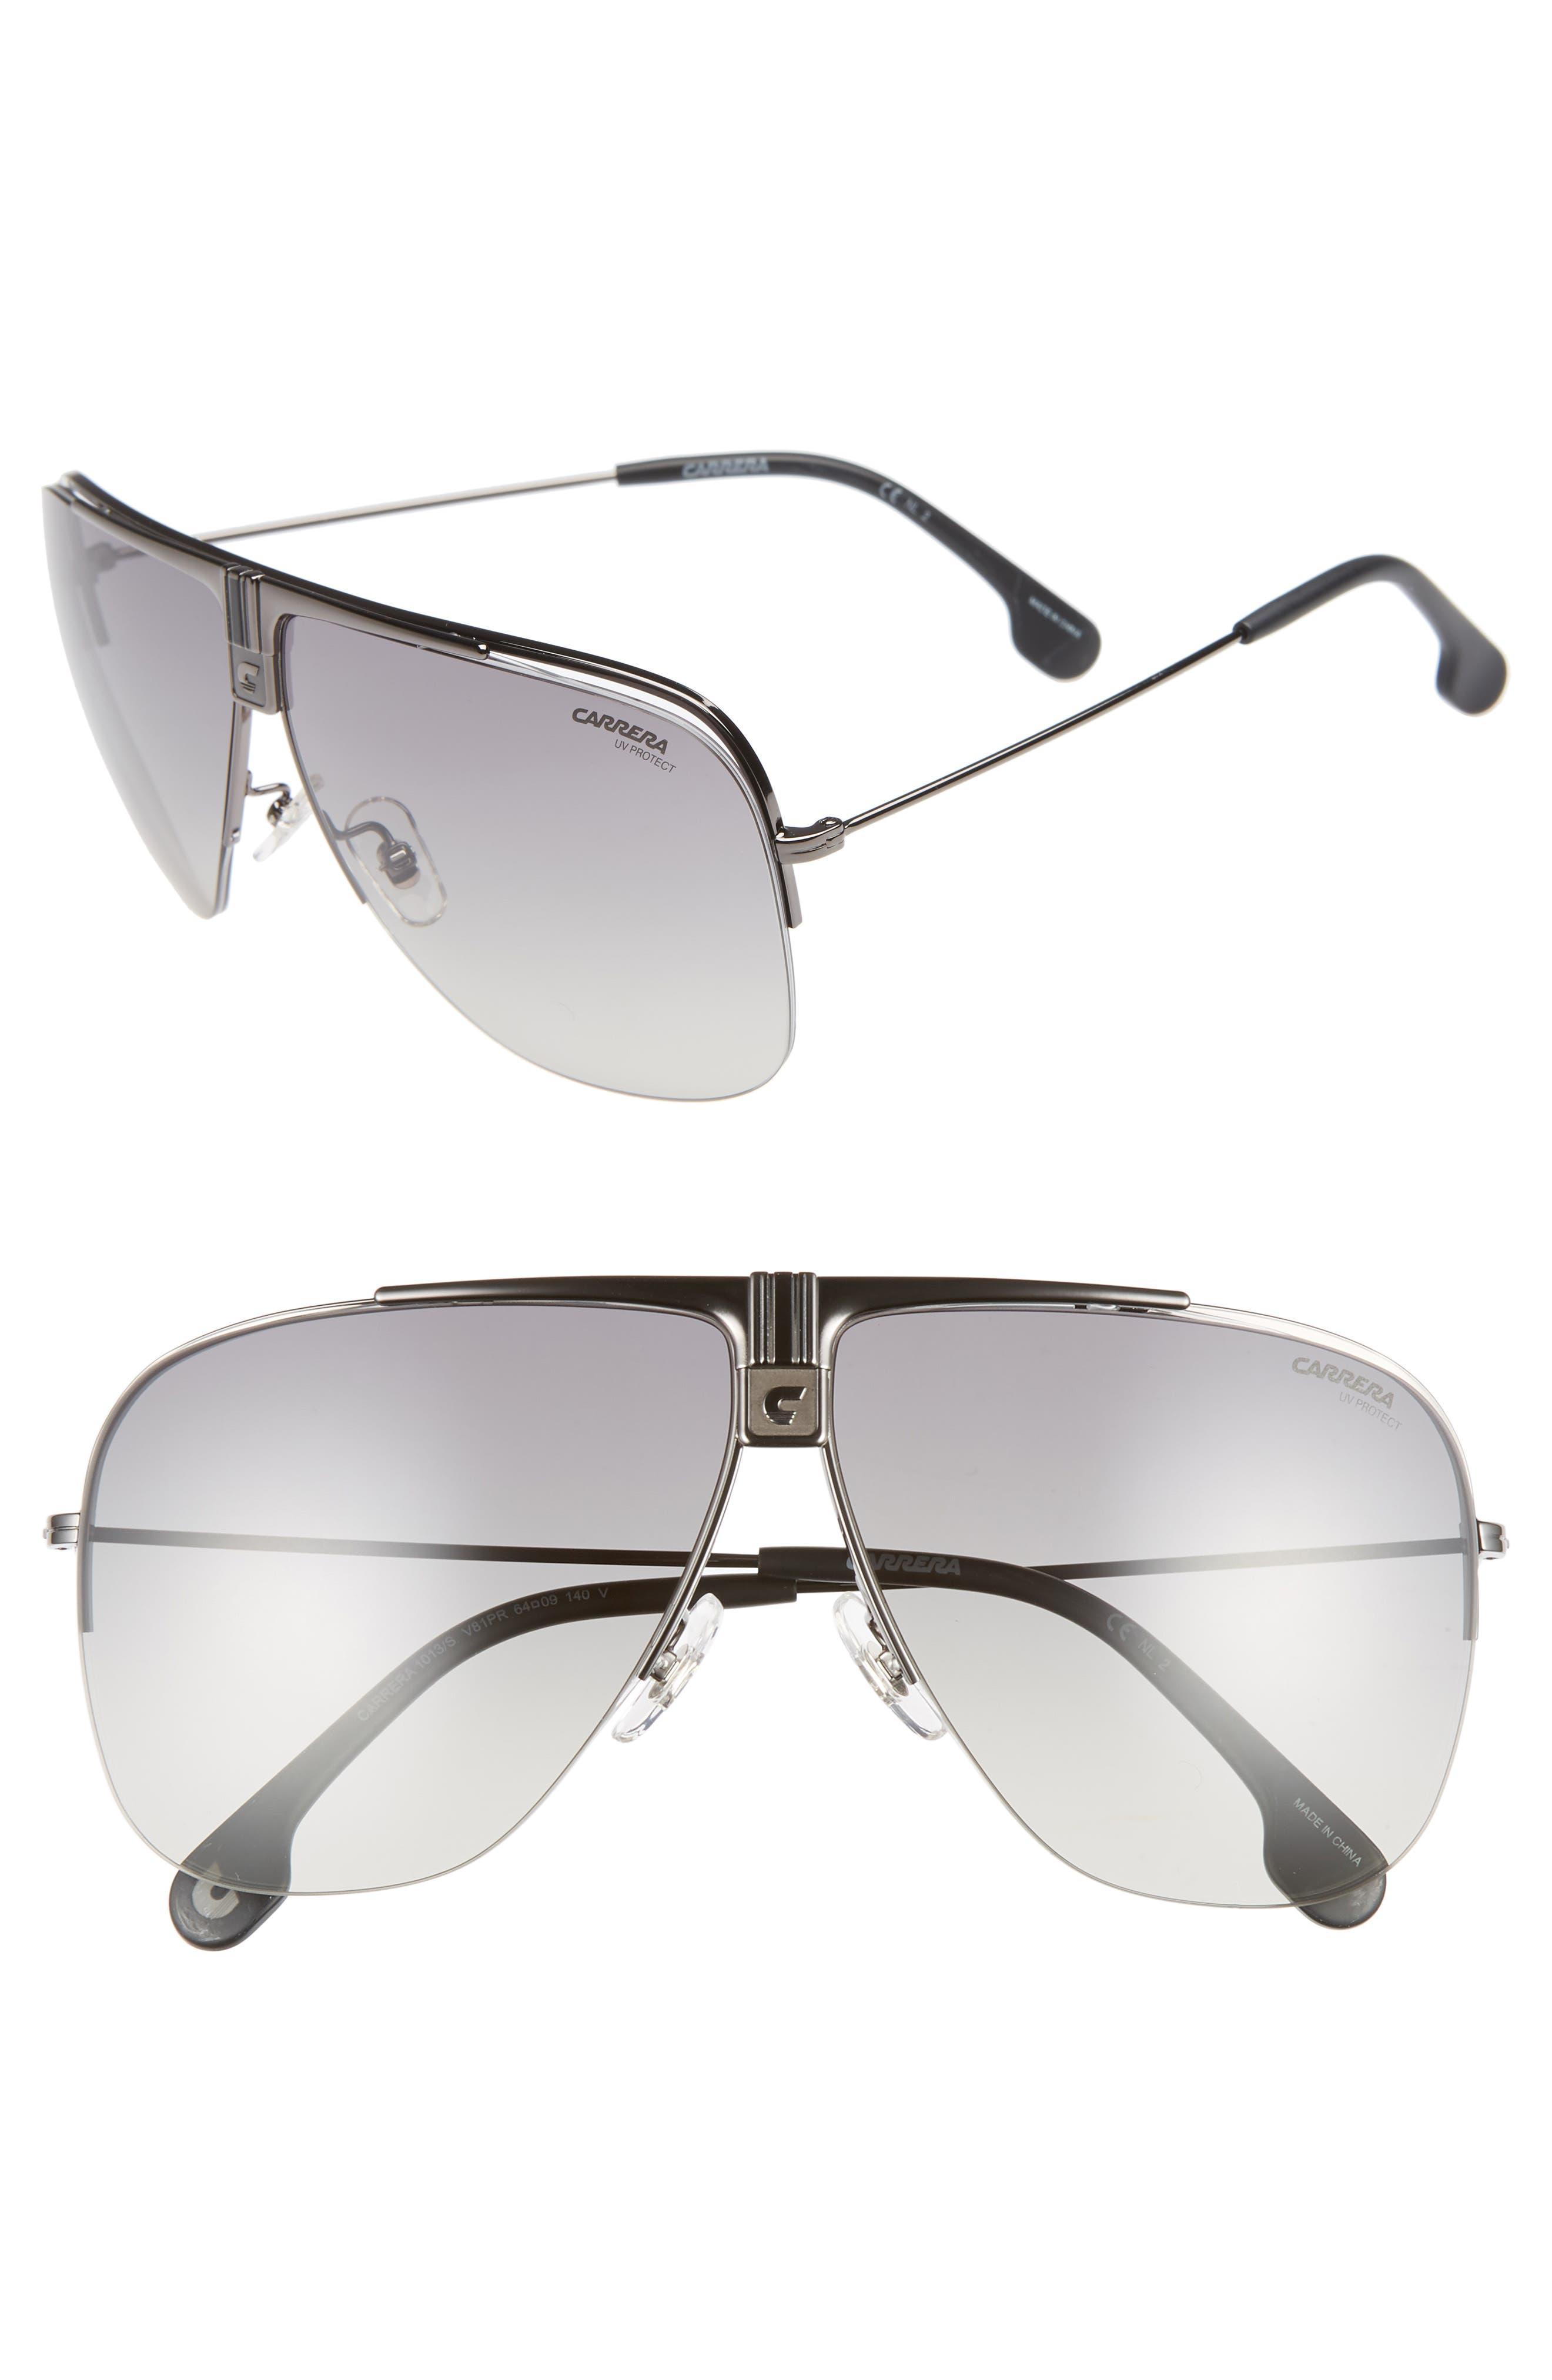 64mm Metal Aviator Sunglasses,                         Main,                         color, DARK RUTHENIUM/ BLACK